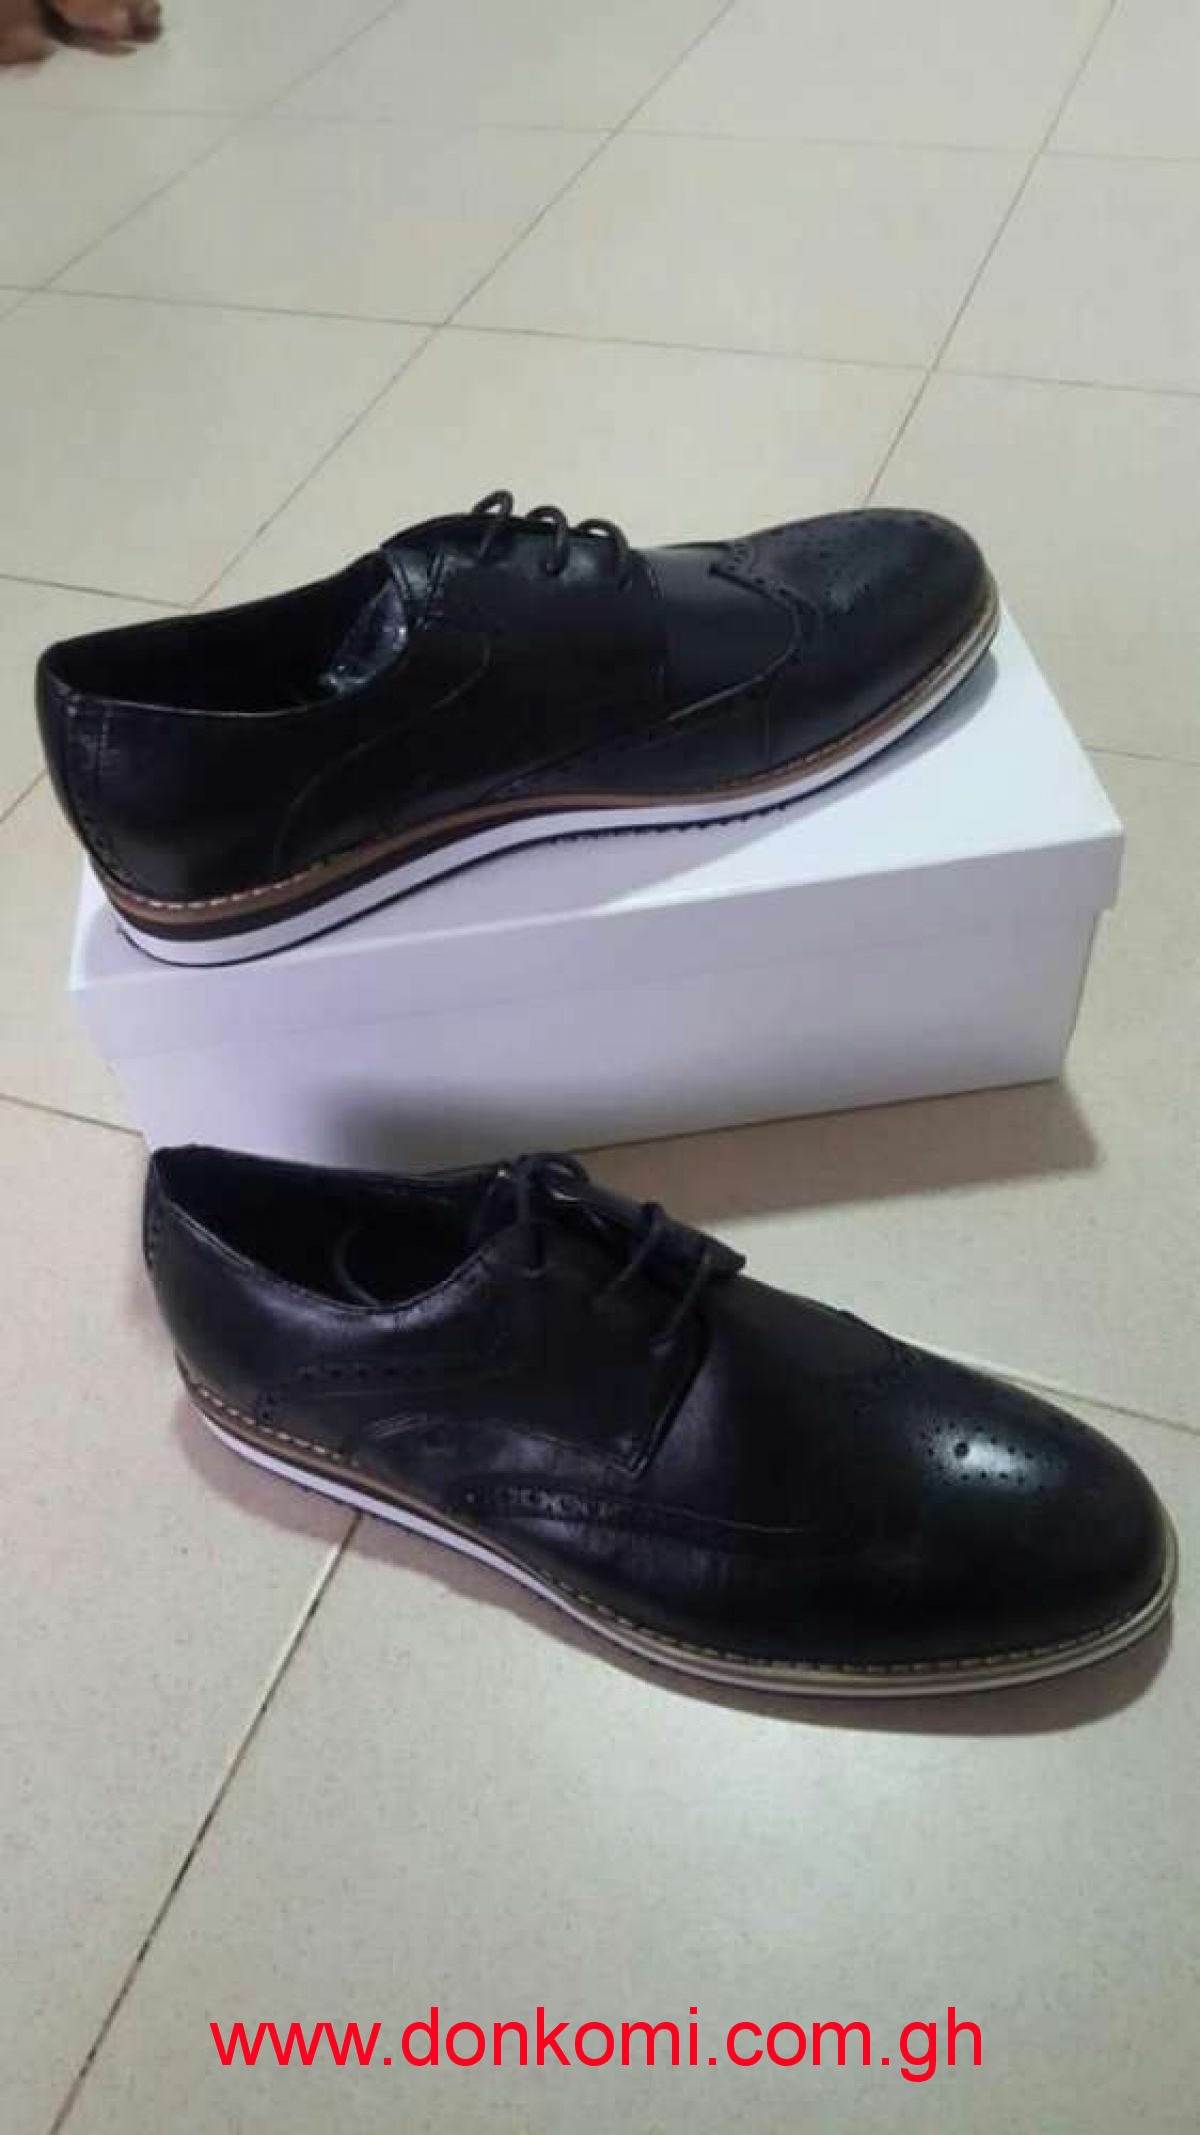 Italian shoe